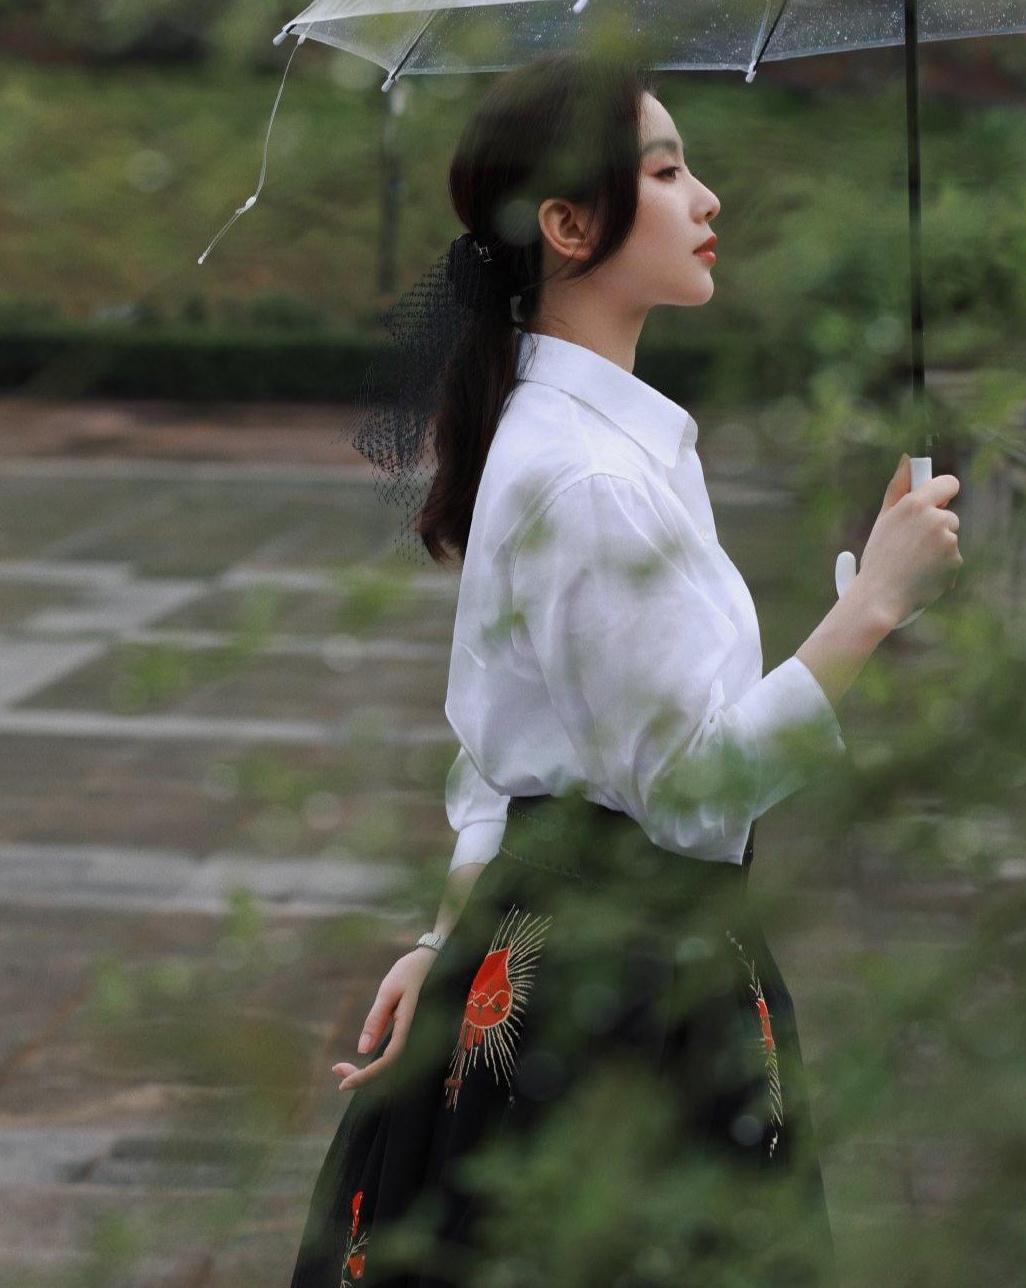 刘诗诗真是女神!经典衬衣配黑裙优雅又显气质,清新时尚又高级